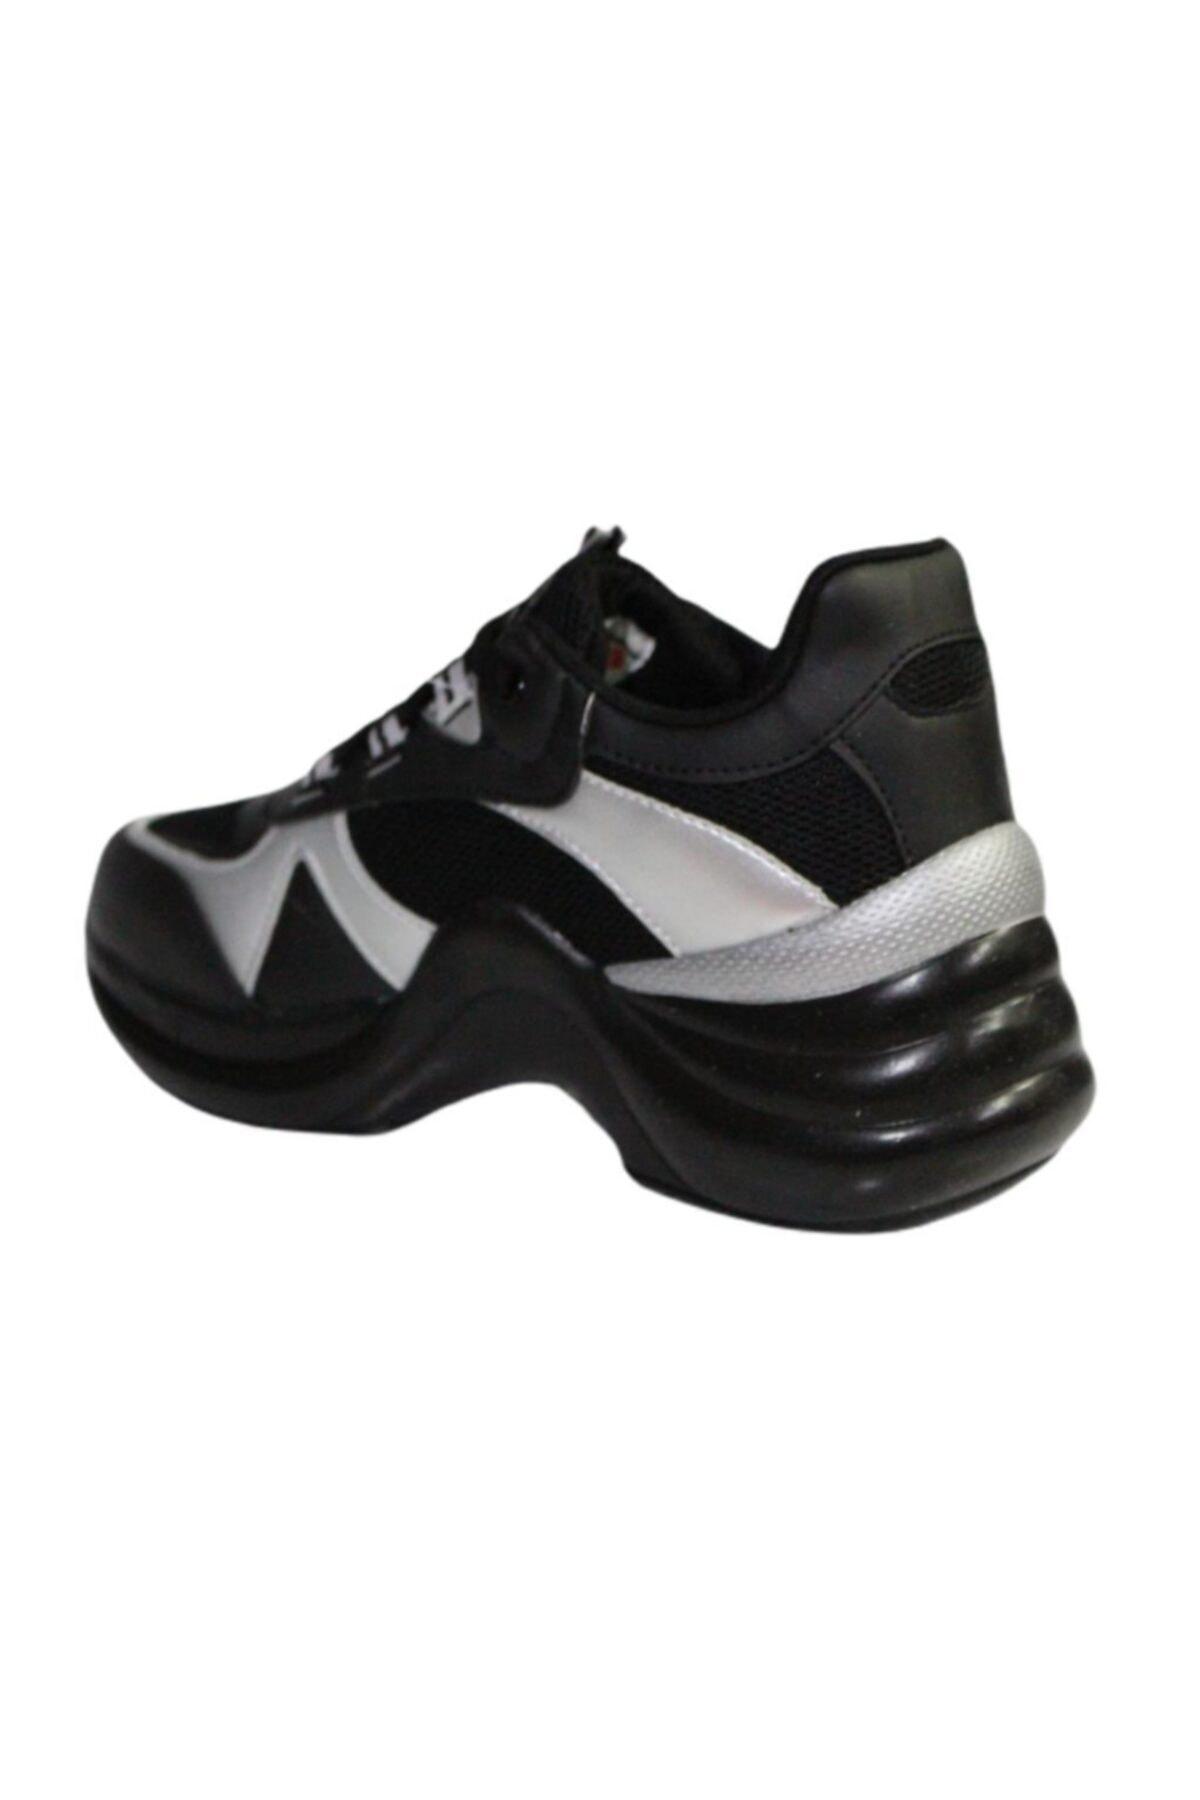 Twingo Kadın Siyah Gri Kalın Taban Yürüyüş Spor Ayakkabı 601 2